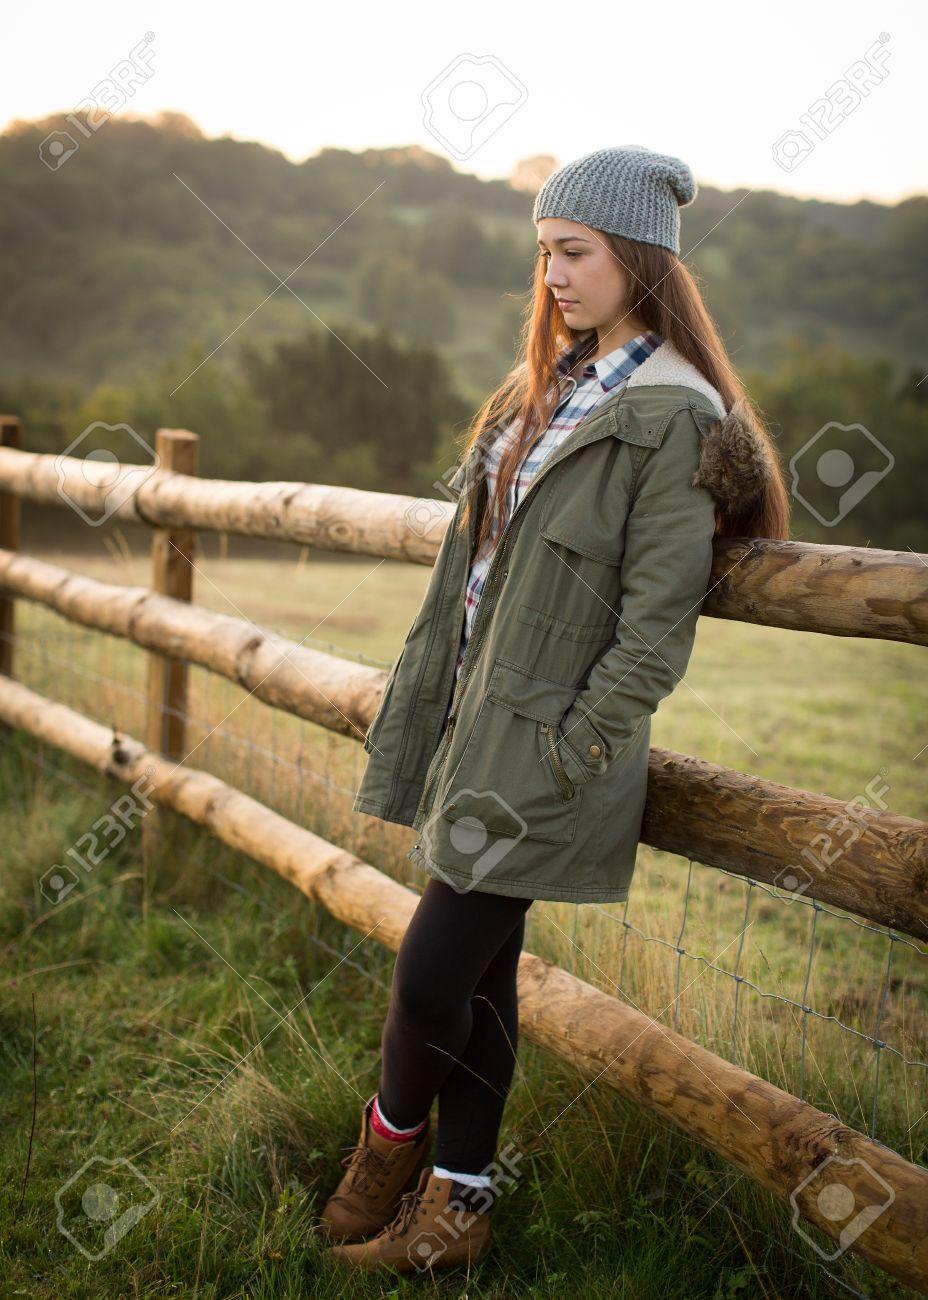 Beautiful teen girl with long hair wearing a hat, long green..